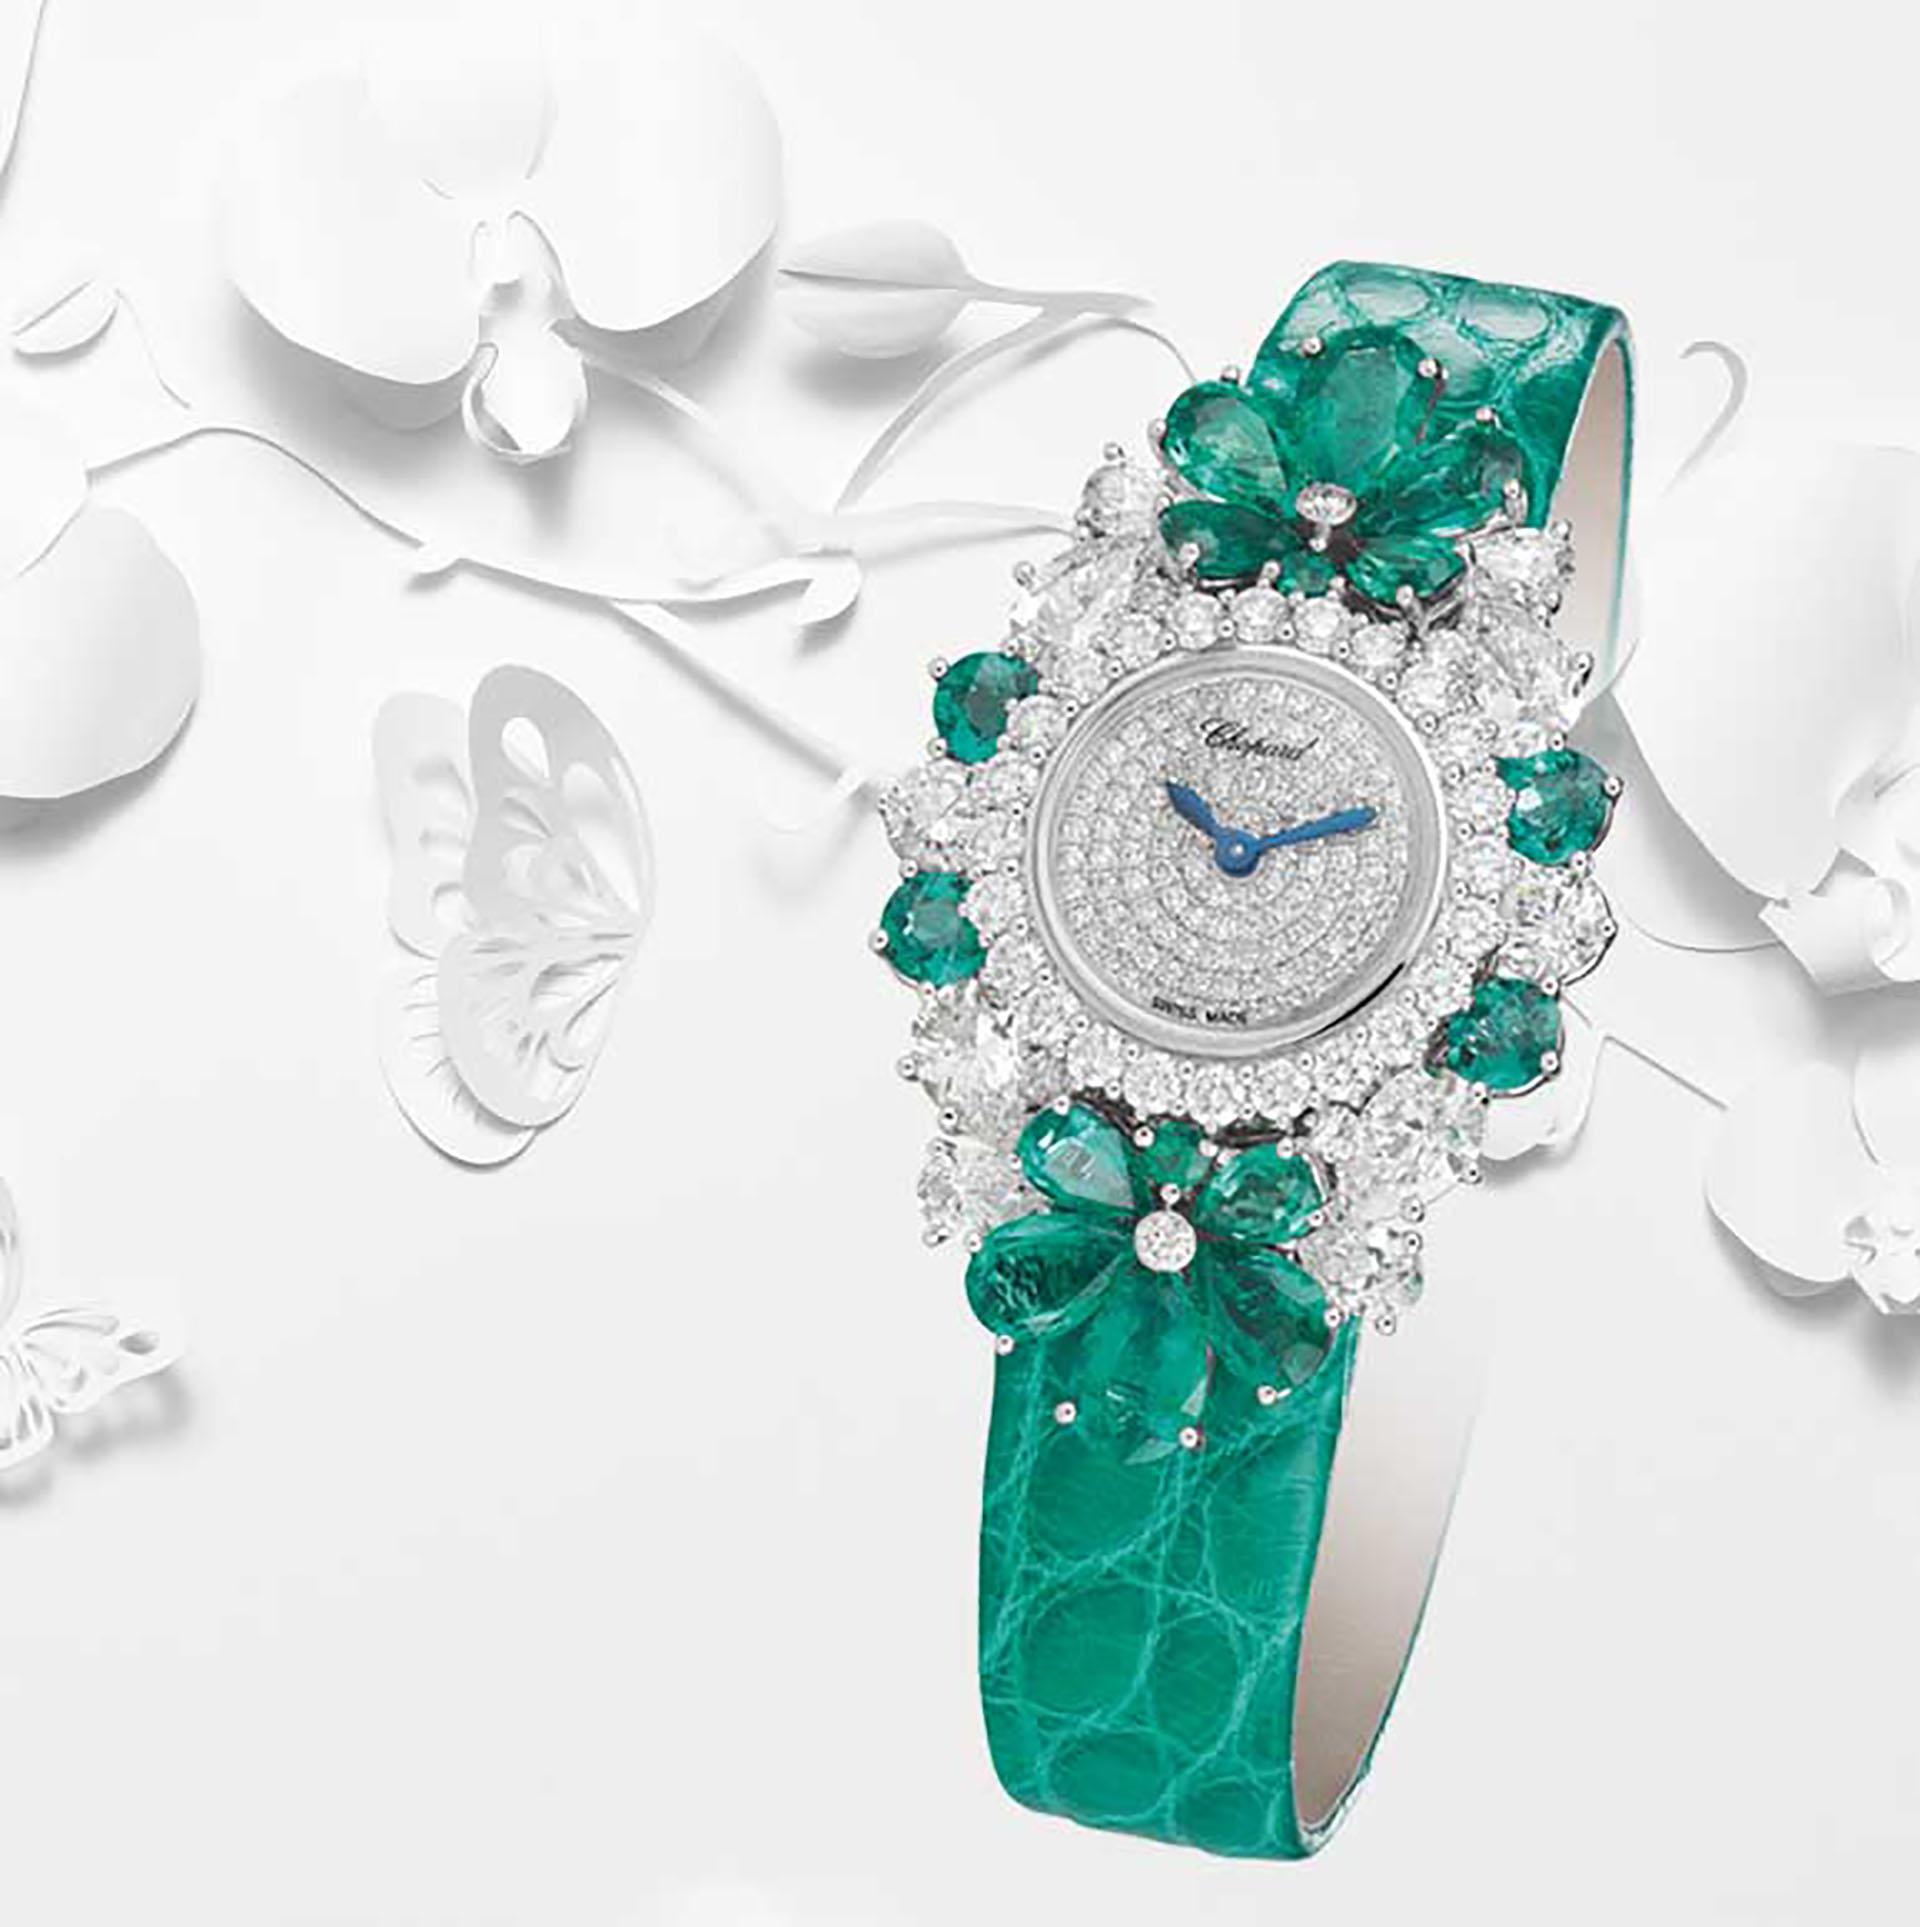 """Perteneciente a la colección llamada """"For You"""" de Chopard las flores de cerezo están en el centro de la colección inspirada en la primavera en combinación de cueros, brillantes y oro blanco. Este reloj de la alta joyería está realizado con diamantes y esmeraldas en forma de pera (Chopard)"""